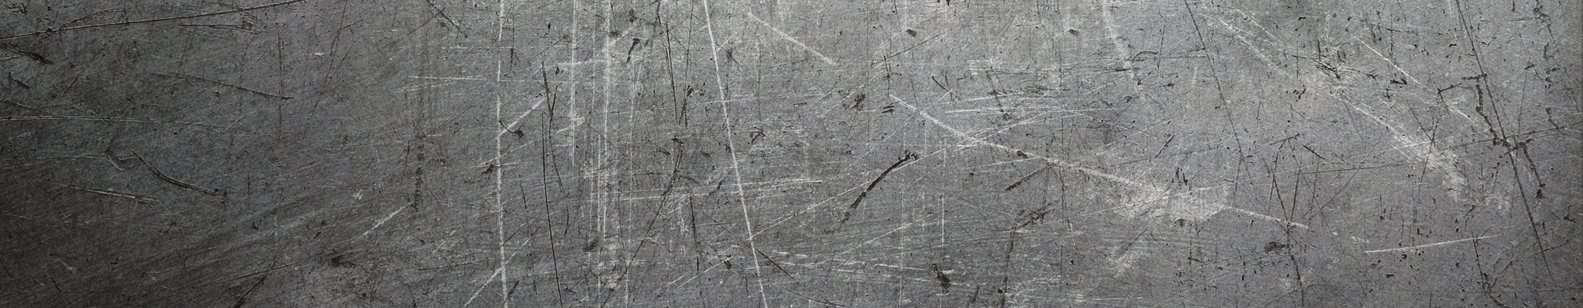 Šlapio šlifavimo staklės  Šlapio šlifavimo staklės kokybiškam ir tiksliam darbui su metalu